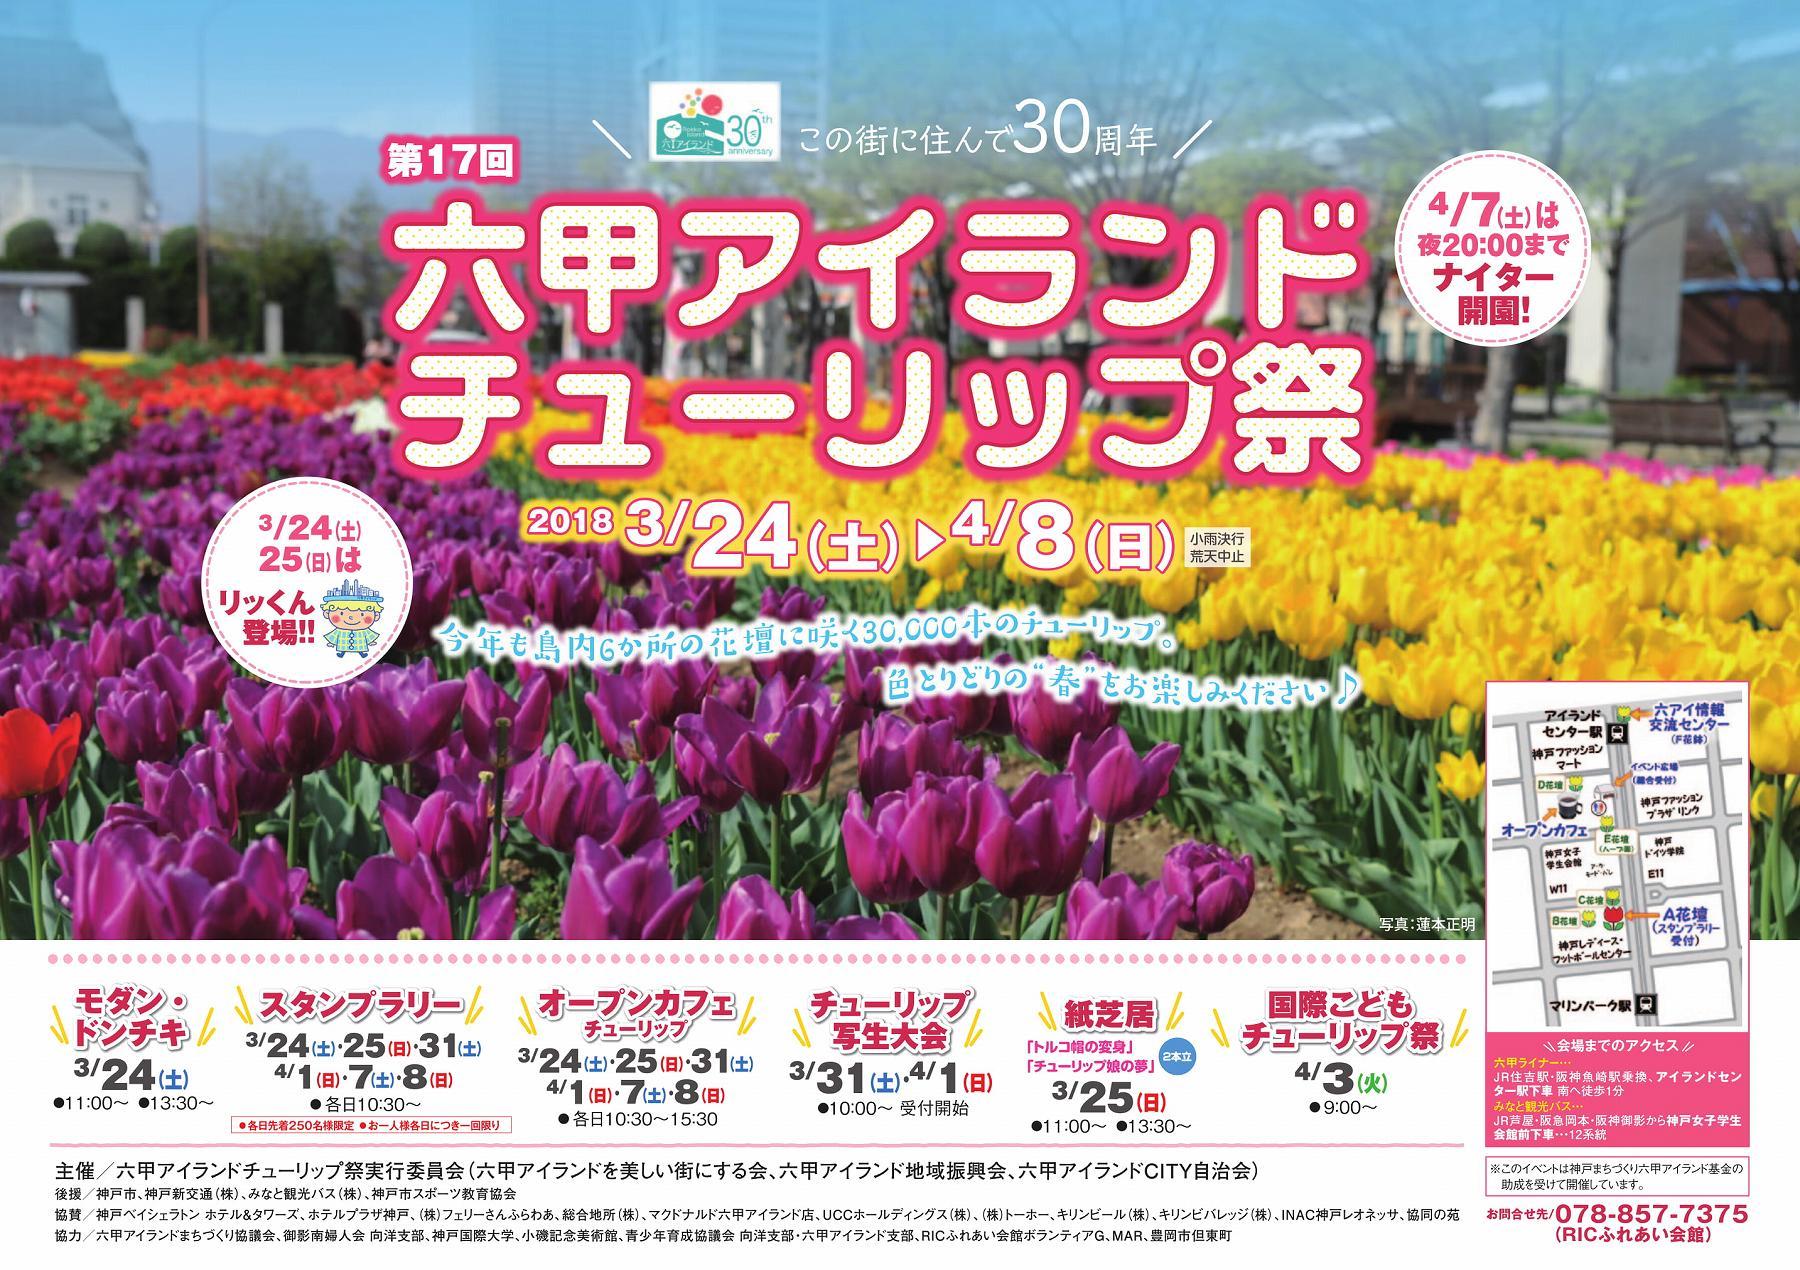 「第17回 六甲アイランド チューリップ祭」が2018年3月24日(土)から4月8日(日)まで開催されるよ! #六甲アイランドチューリップ祭 #六甲アイランド #お花見